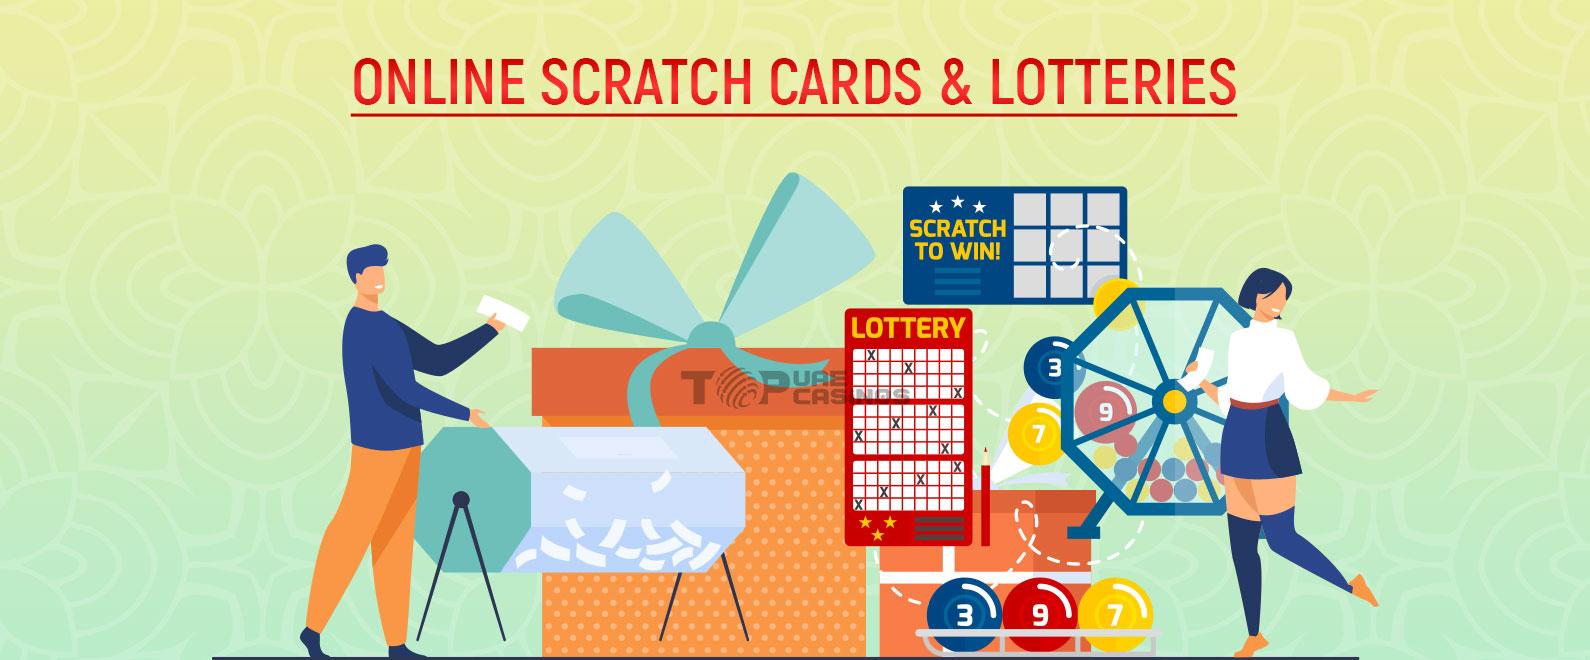 uae online lottery